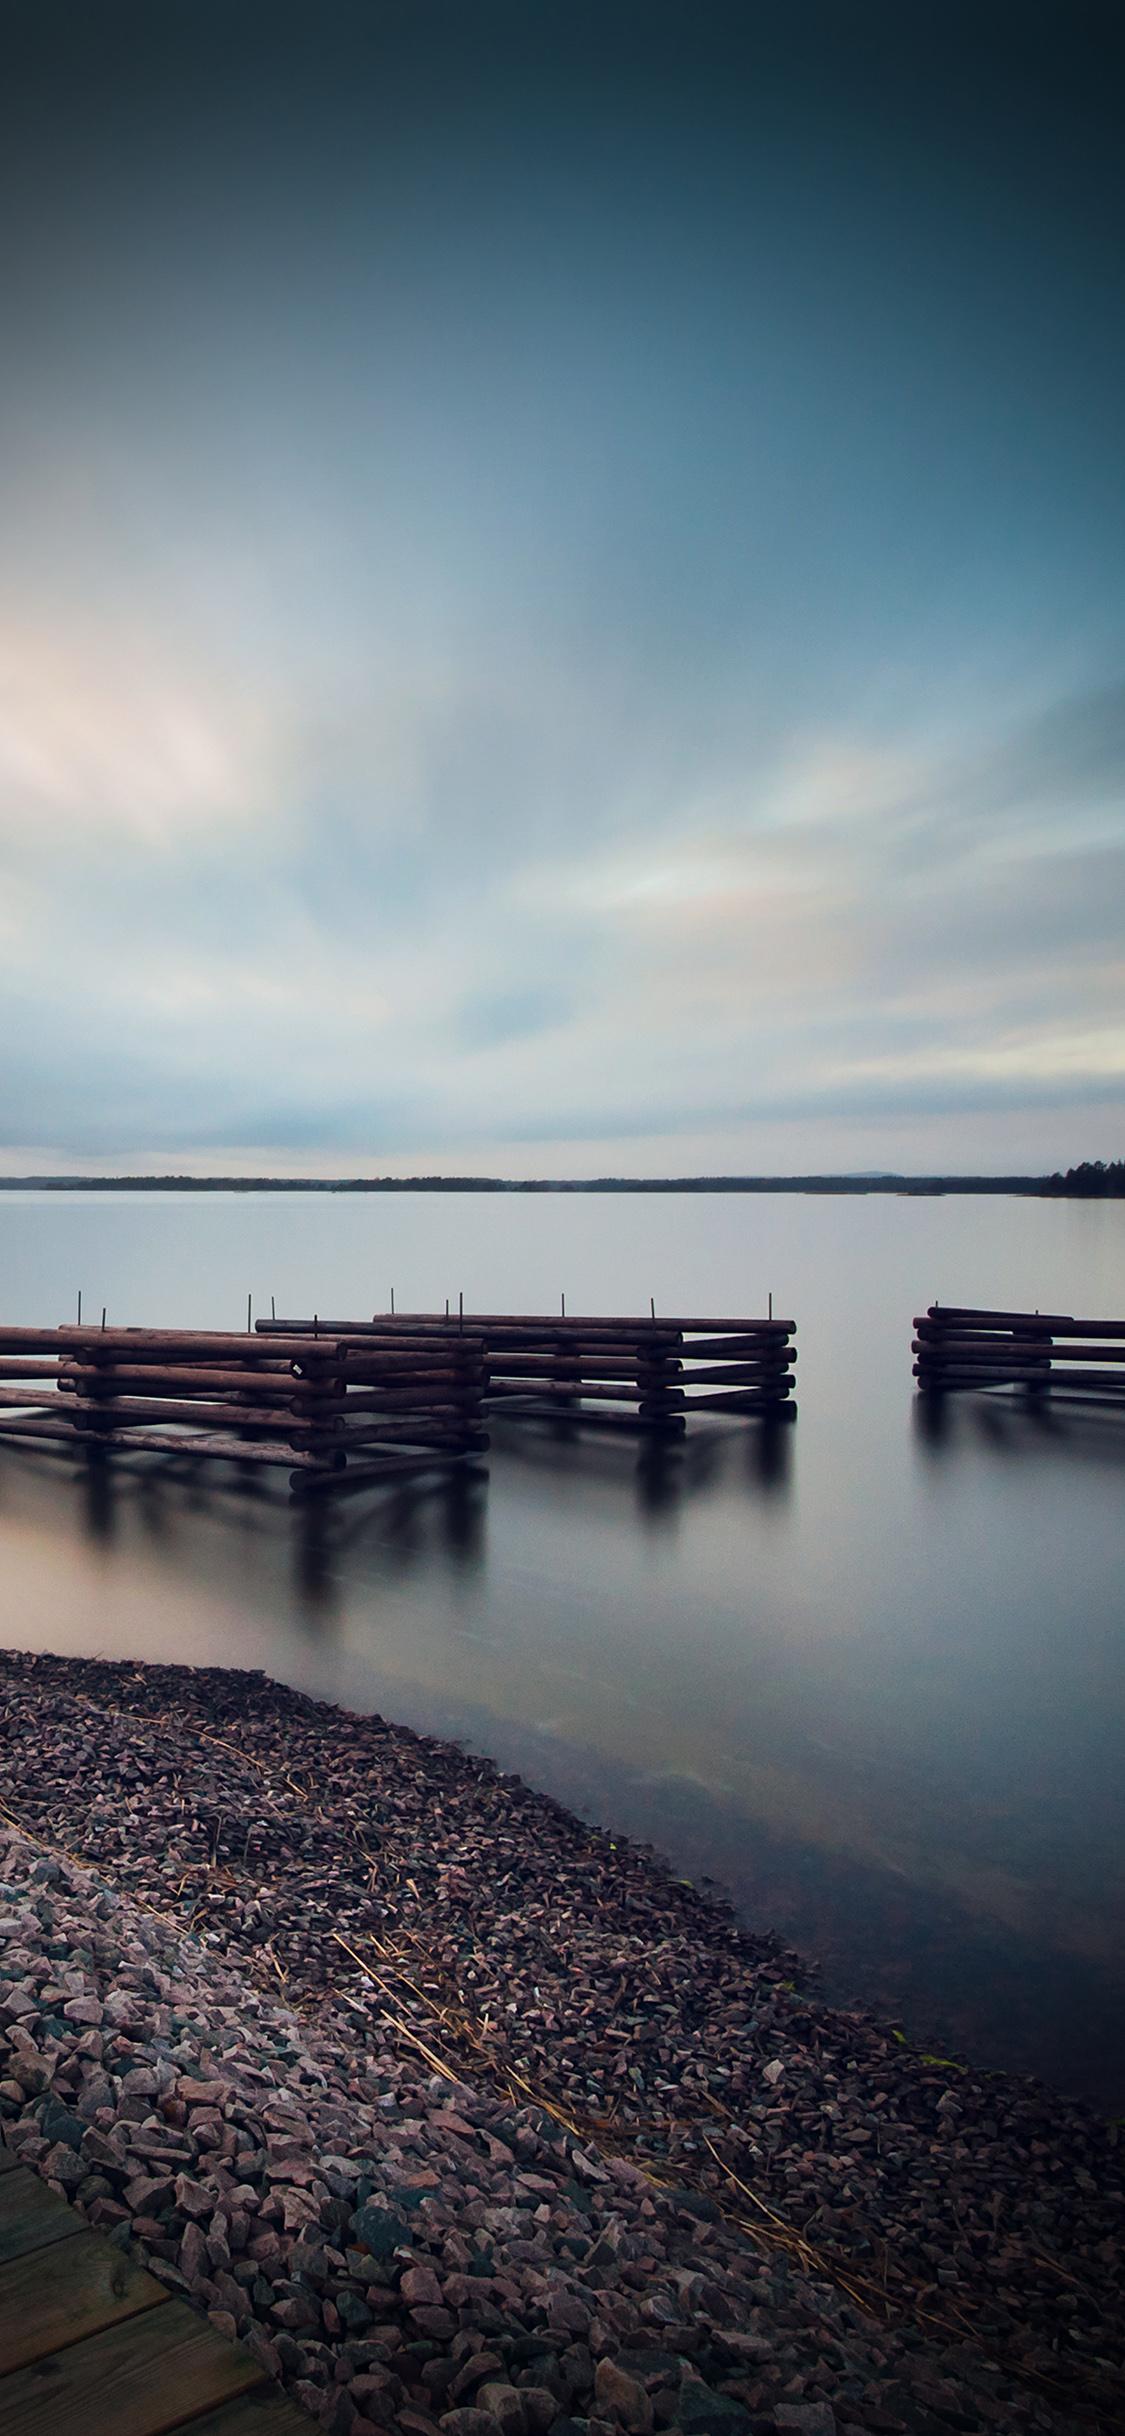 iPhonexpapers.com-Apple-iPhone-wallpaper-mr36-lake-calm-nature-beautiful-sea-water-vignette